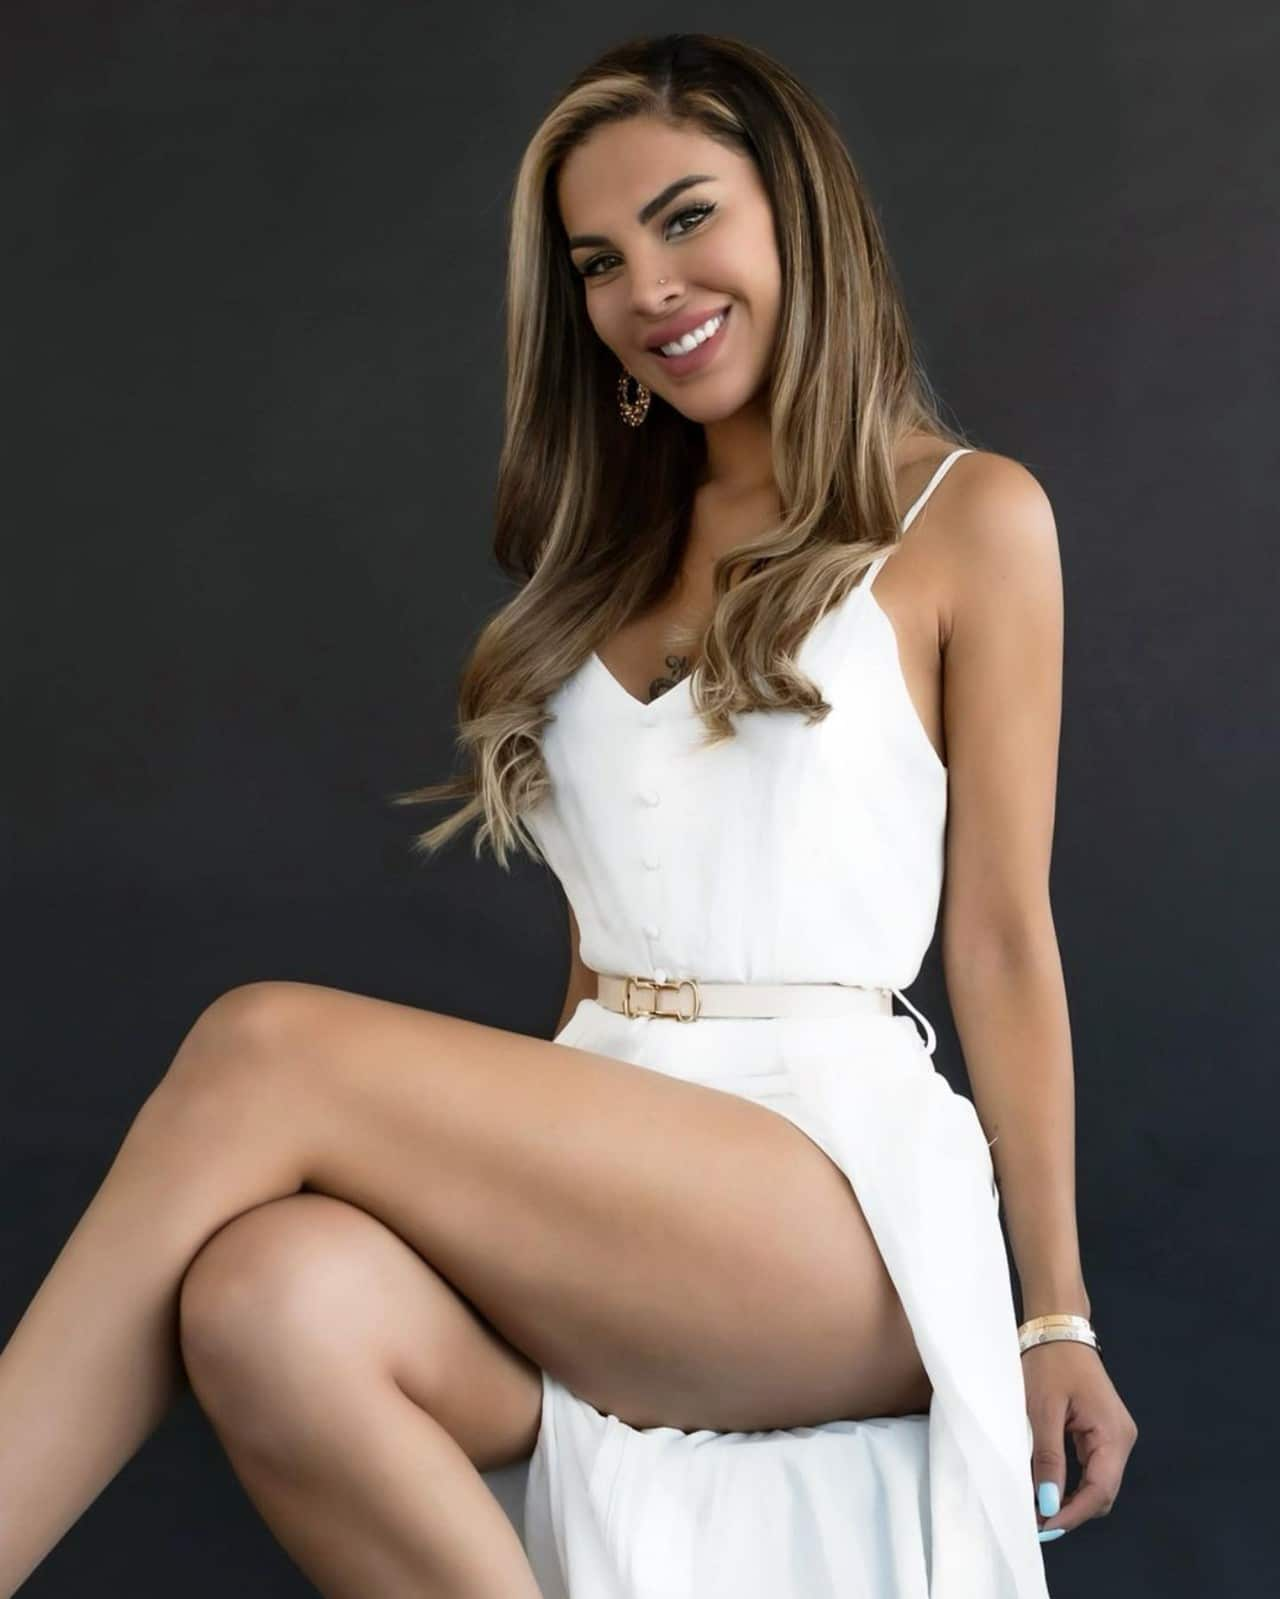 Eleazar Gómez Stephanie Valenzuela famosos responde criticas